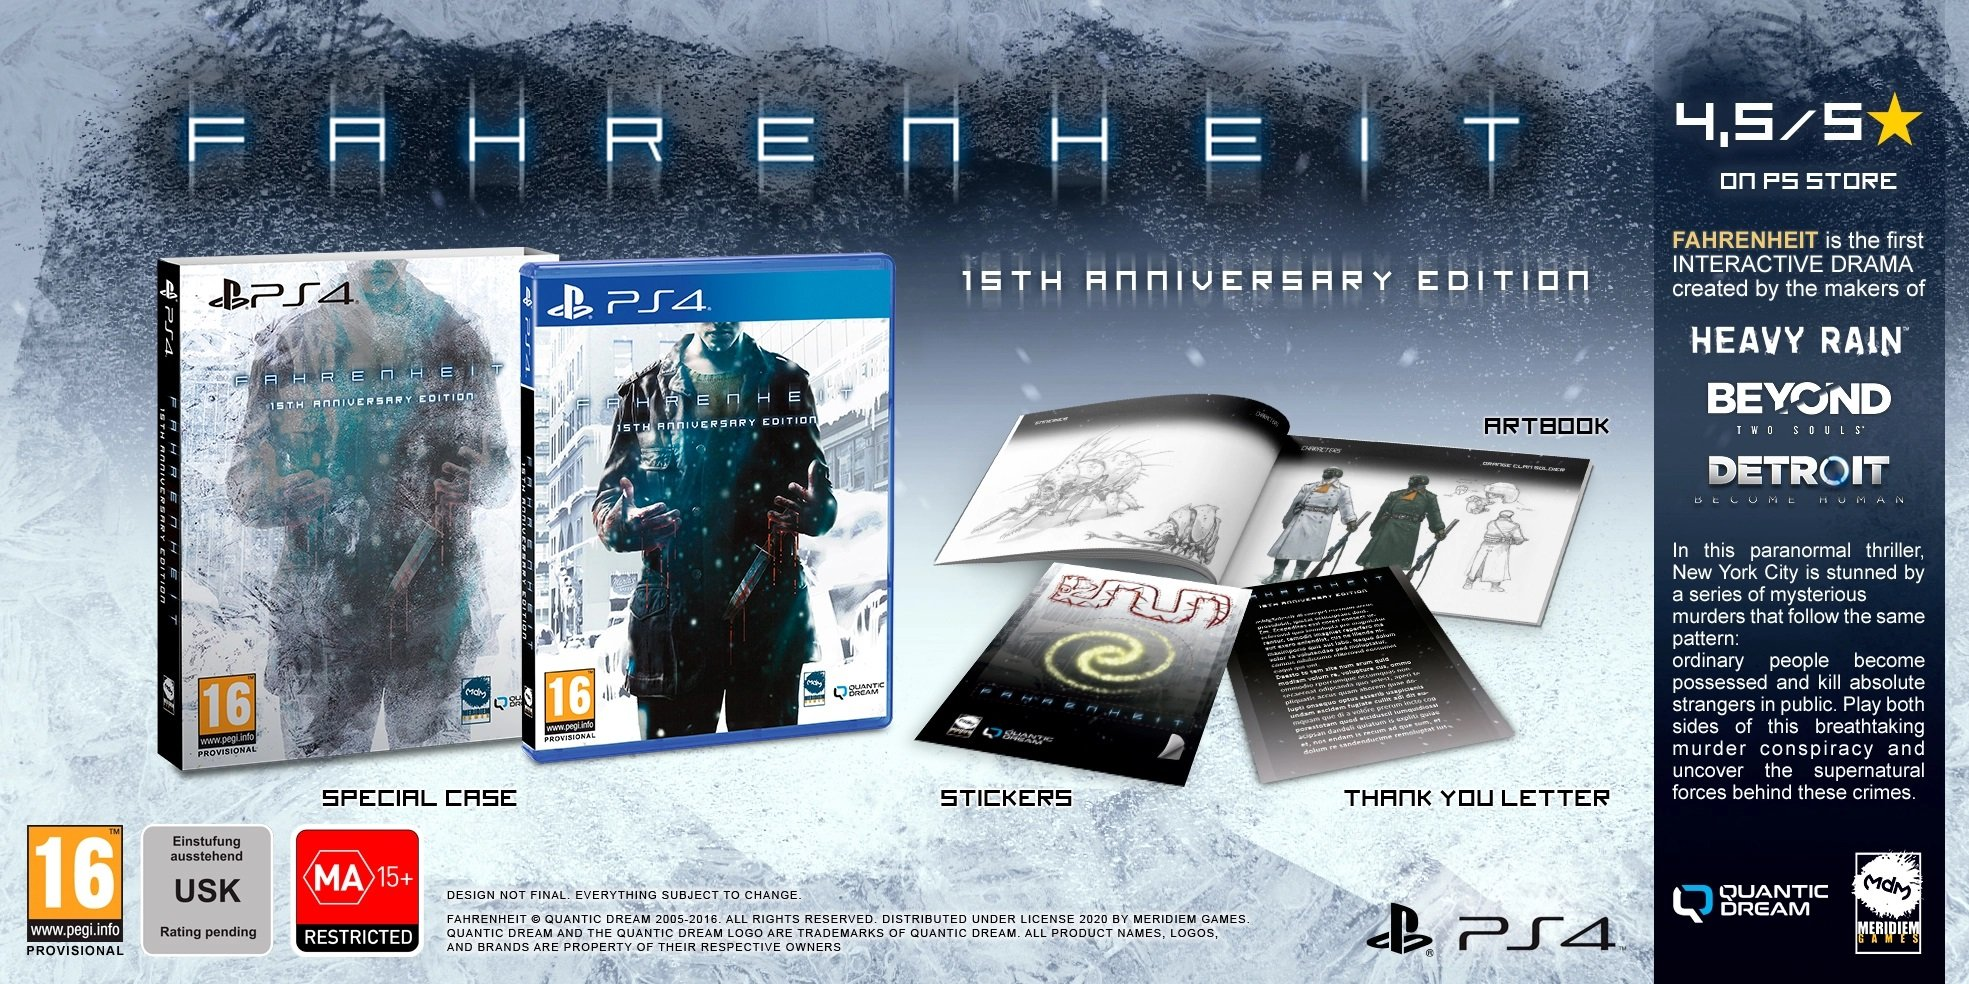 بسته بازی فارنهایت PS4